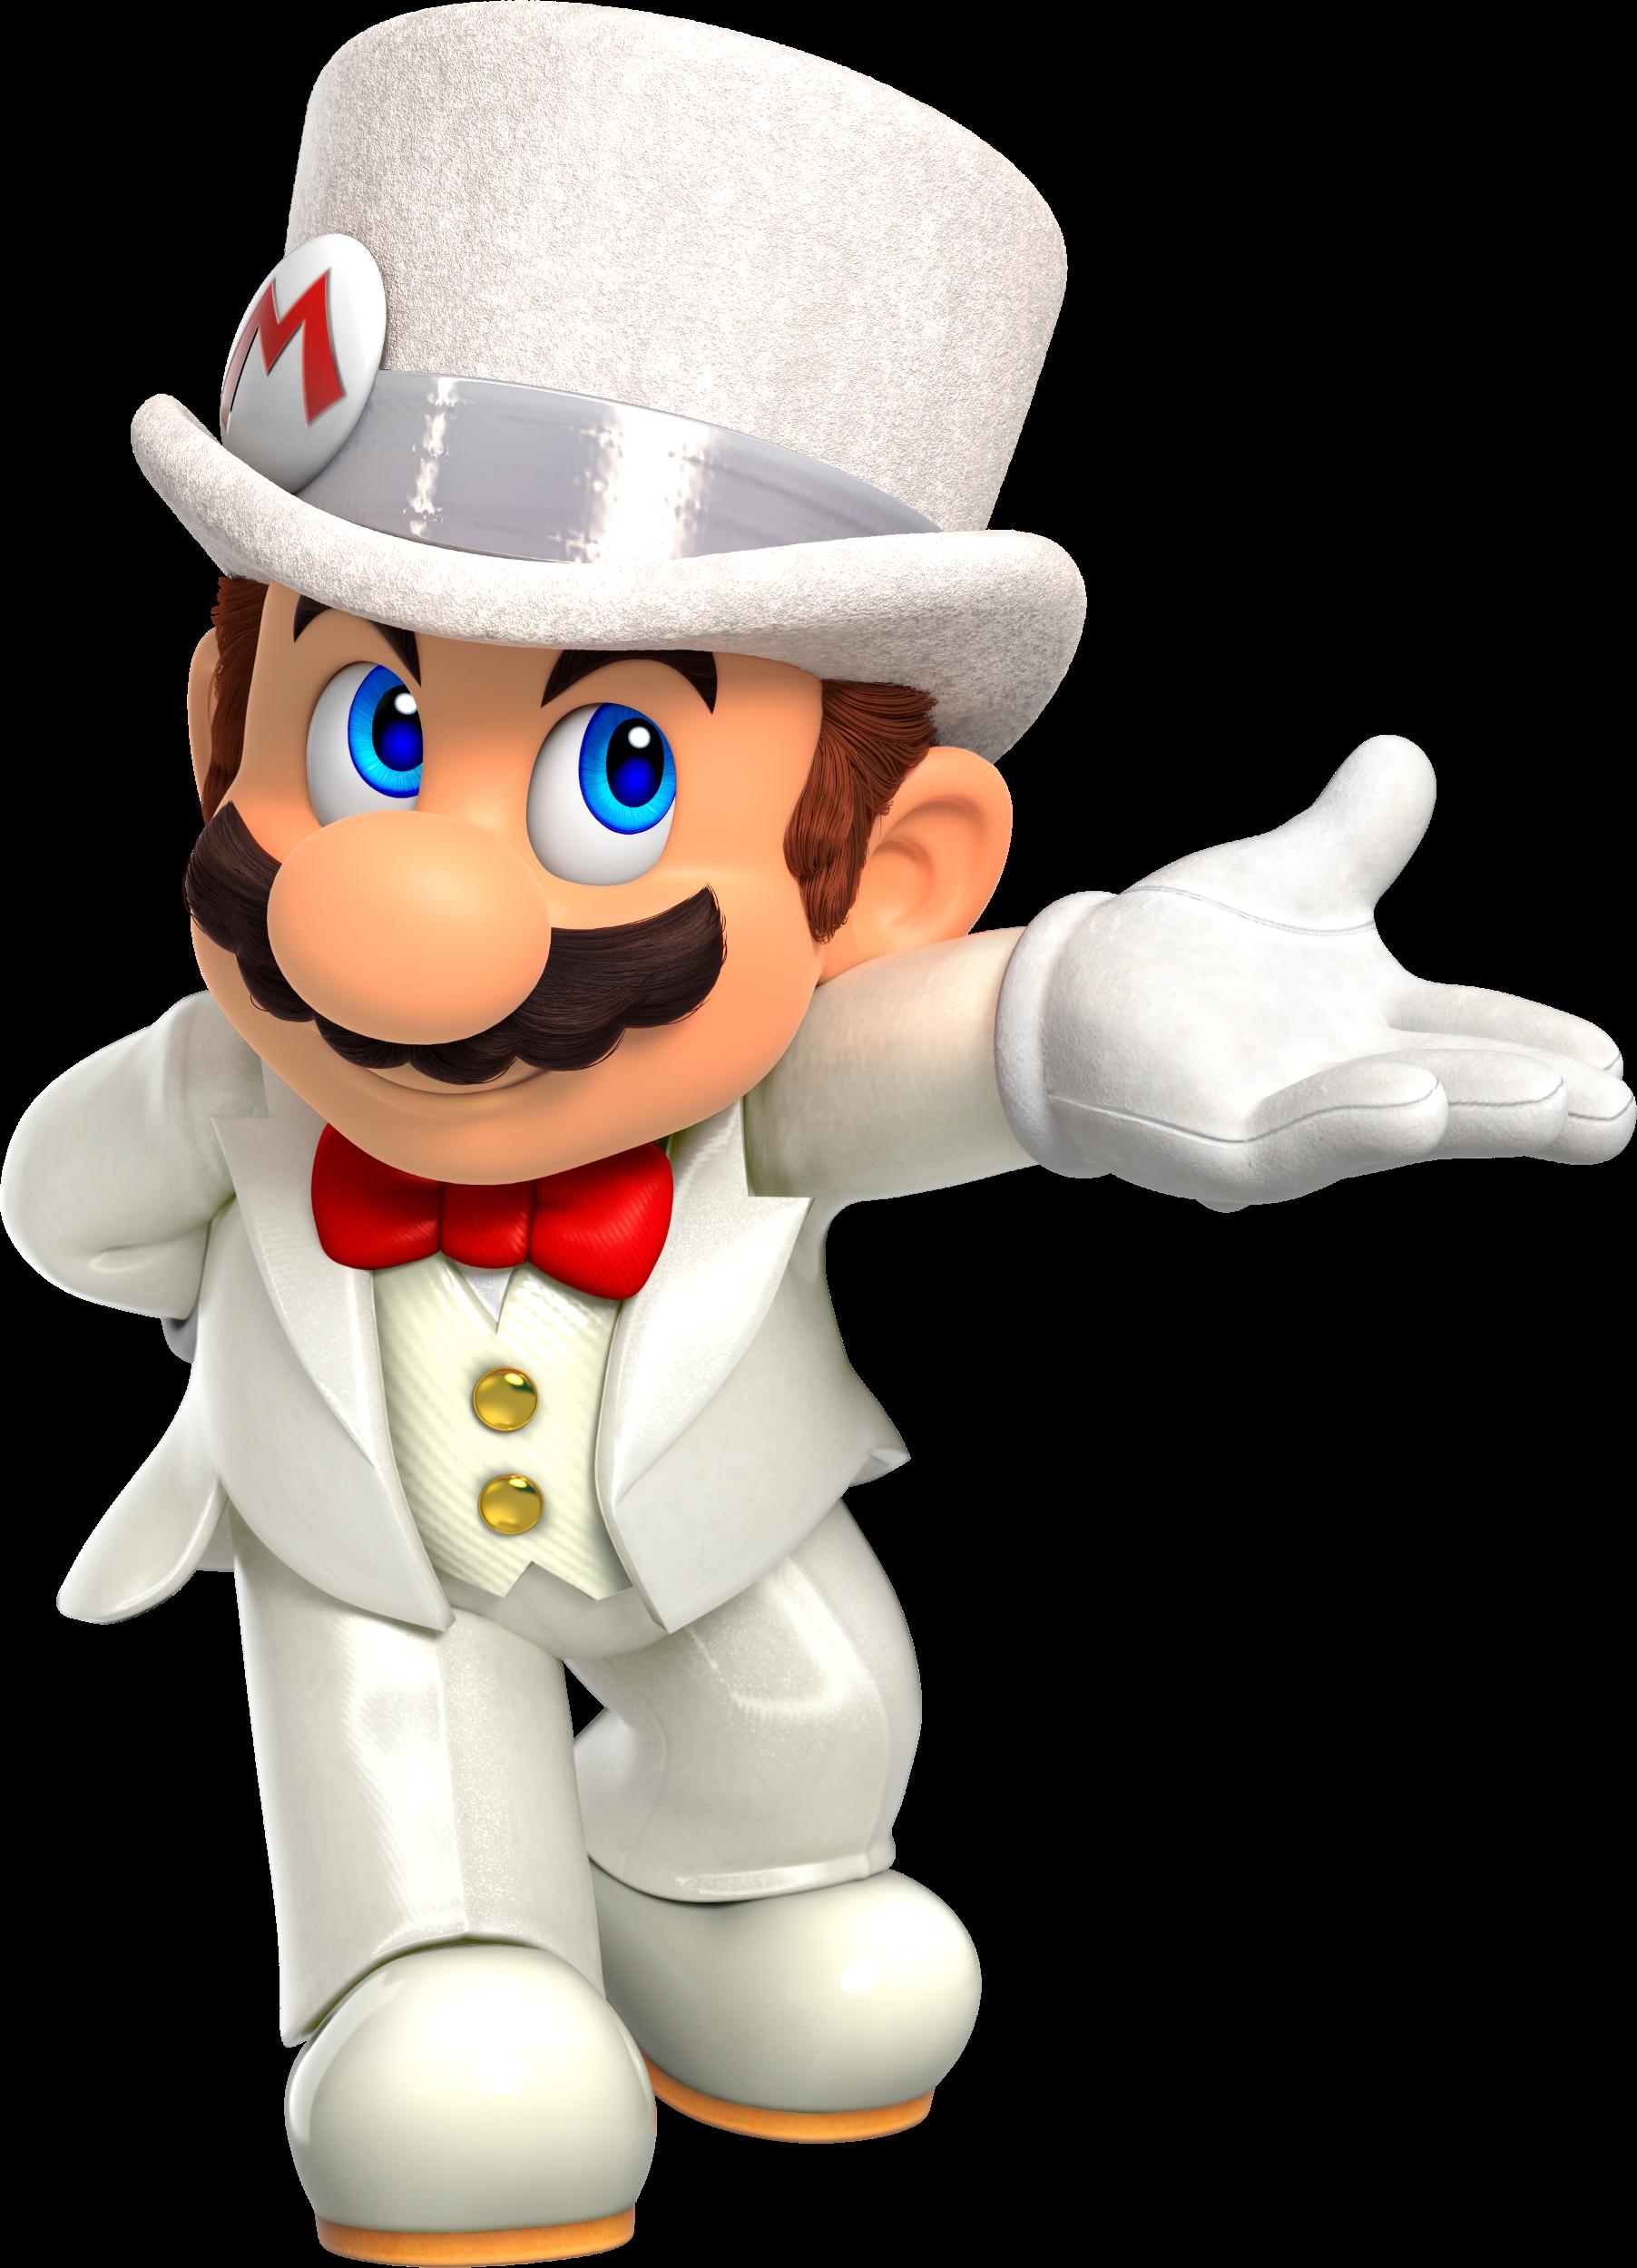 Wedding Mario | Super Mario Odyssey | Know Your Meme